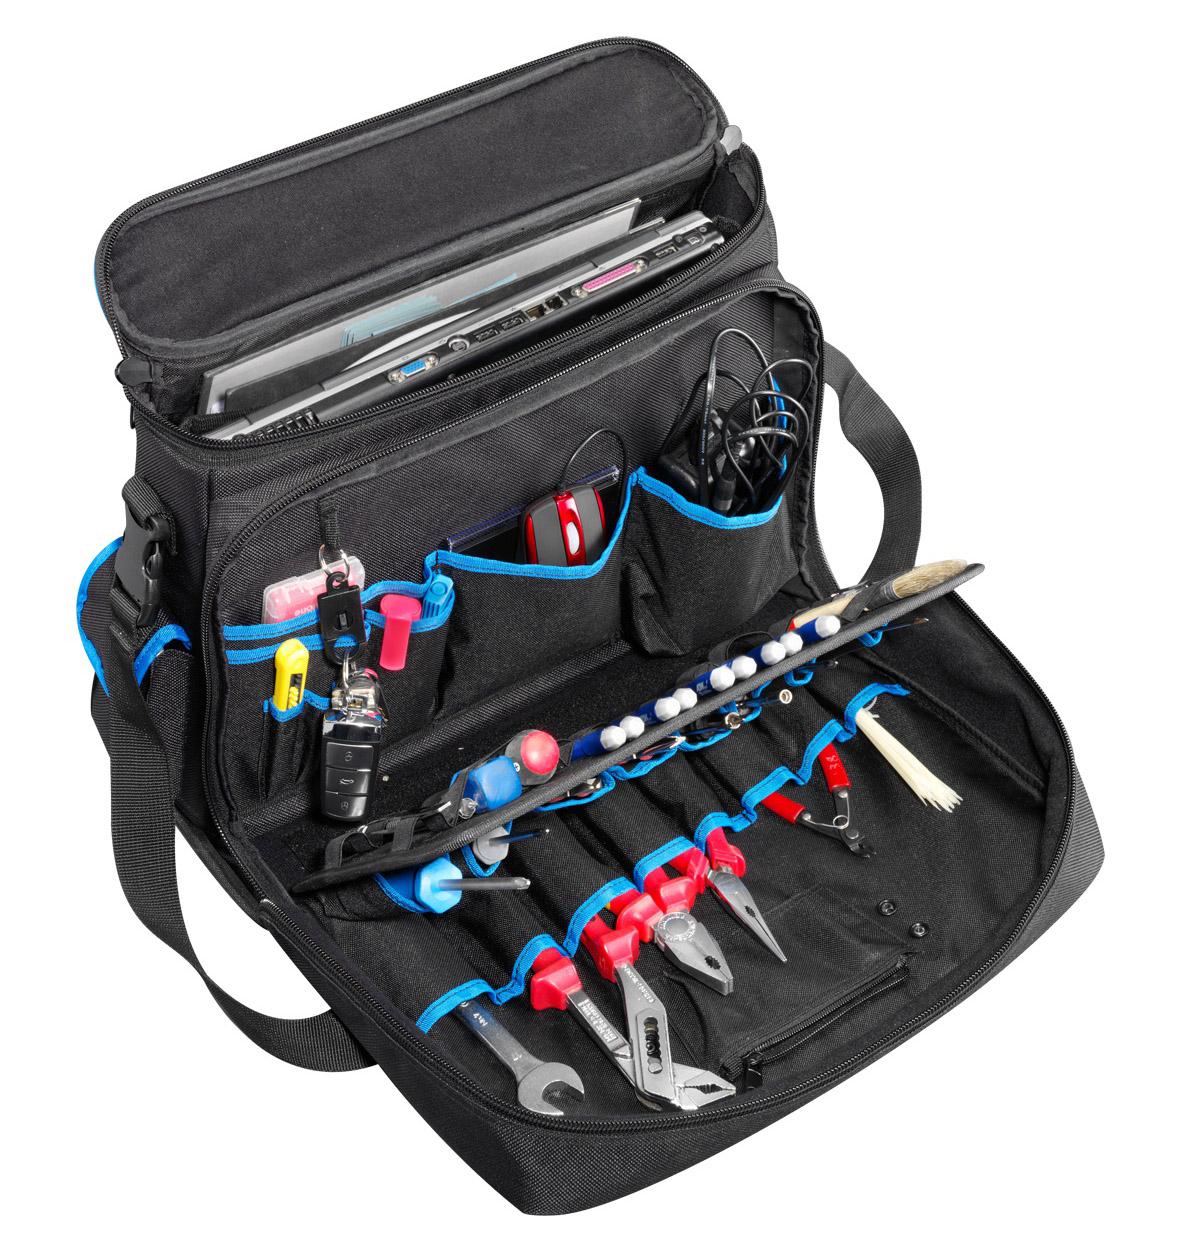 Фото Профессиональная комбинированная сумка для хранения и переноски ноутбука и инструментов {klkKL905L}